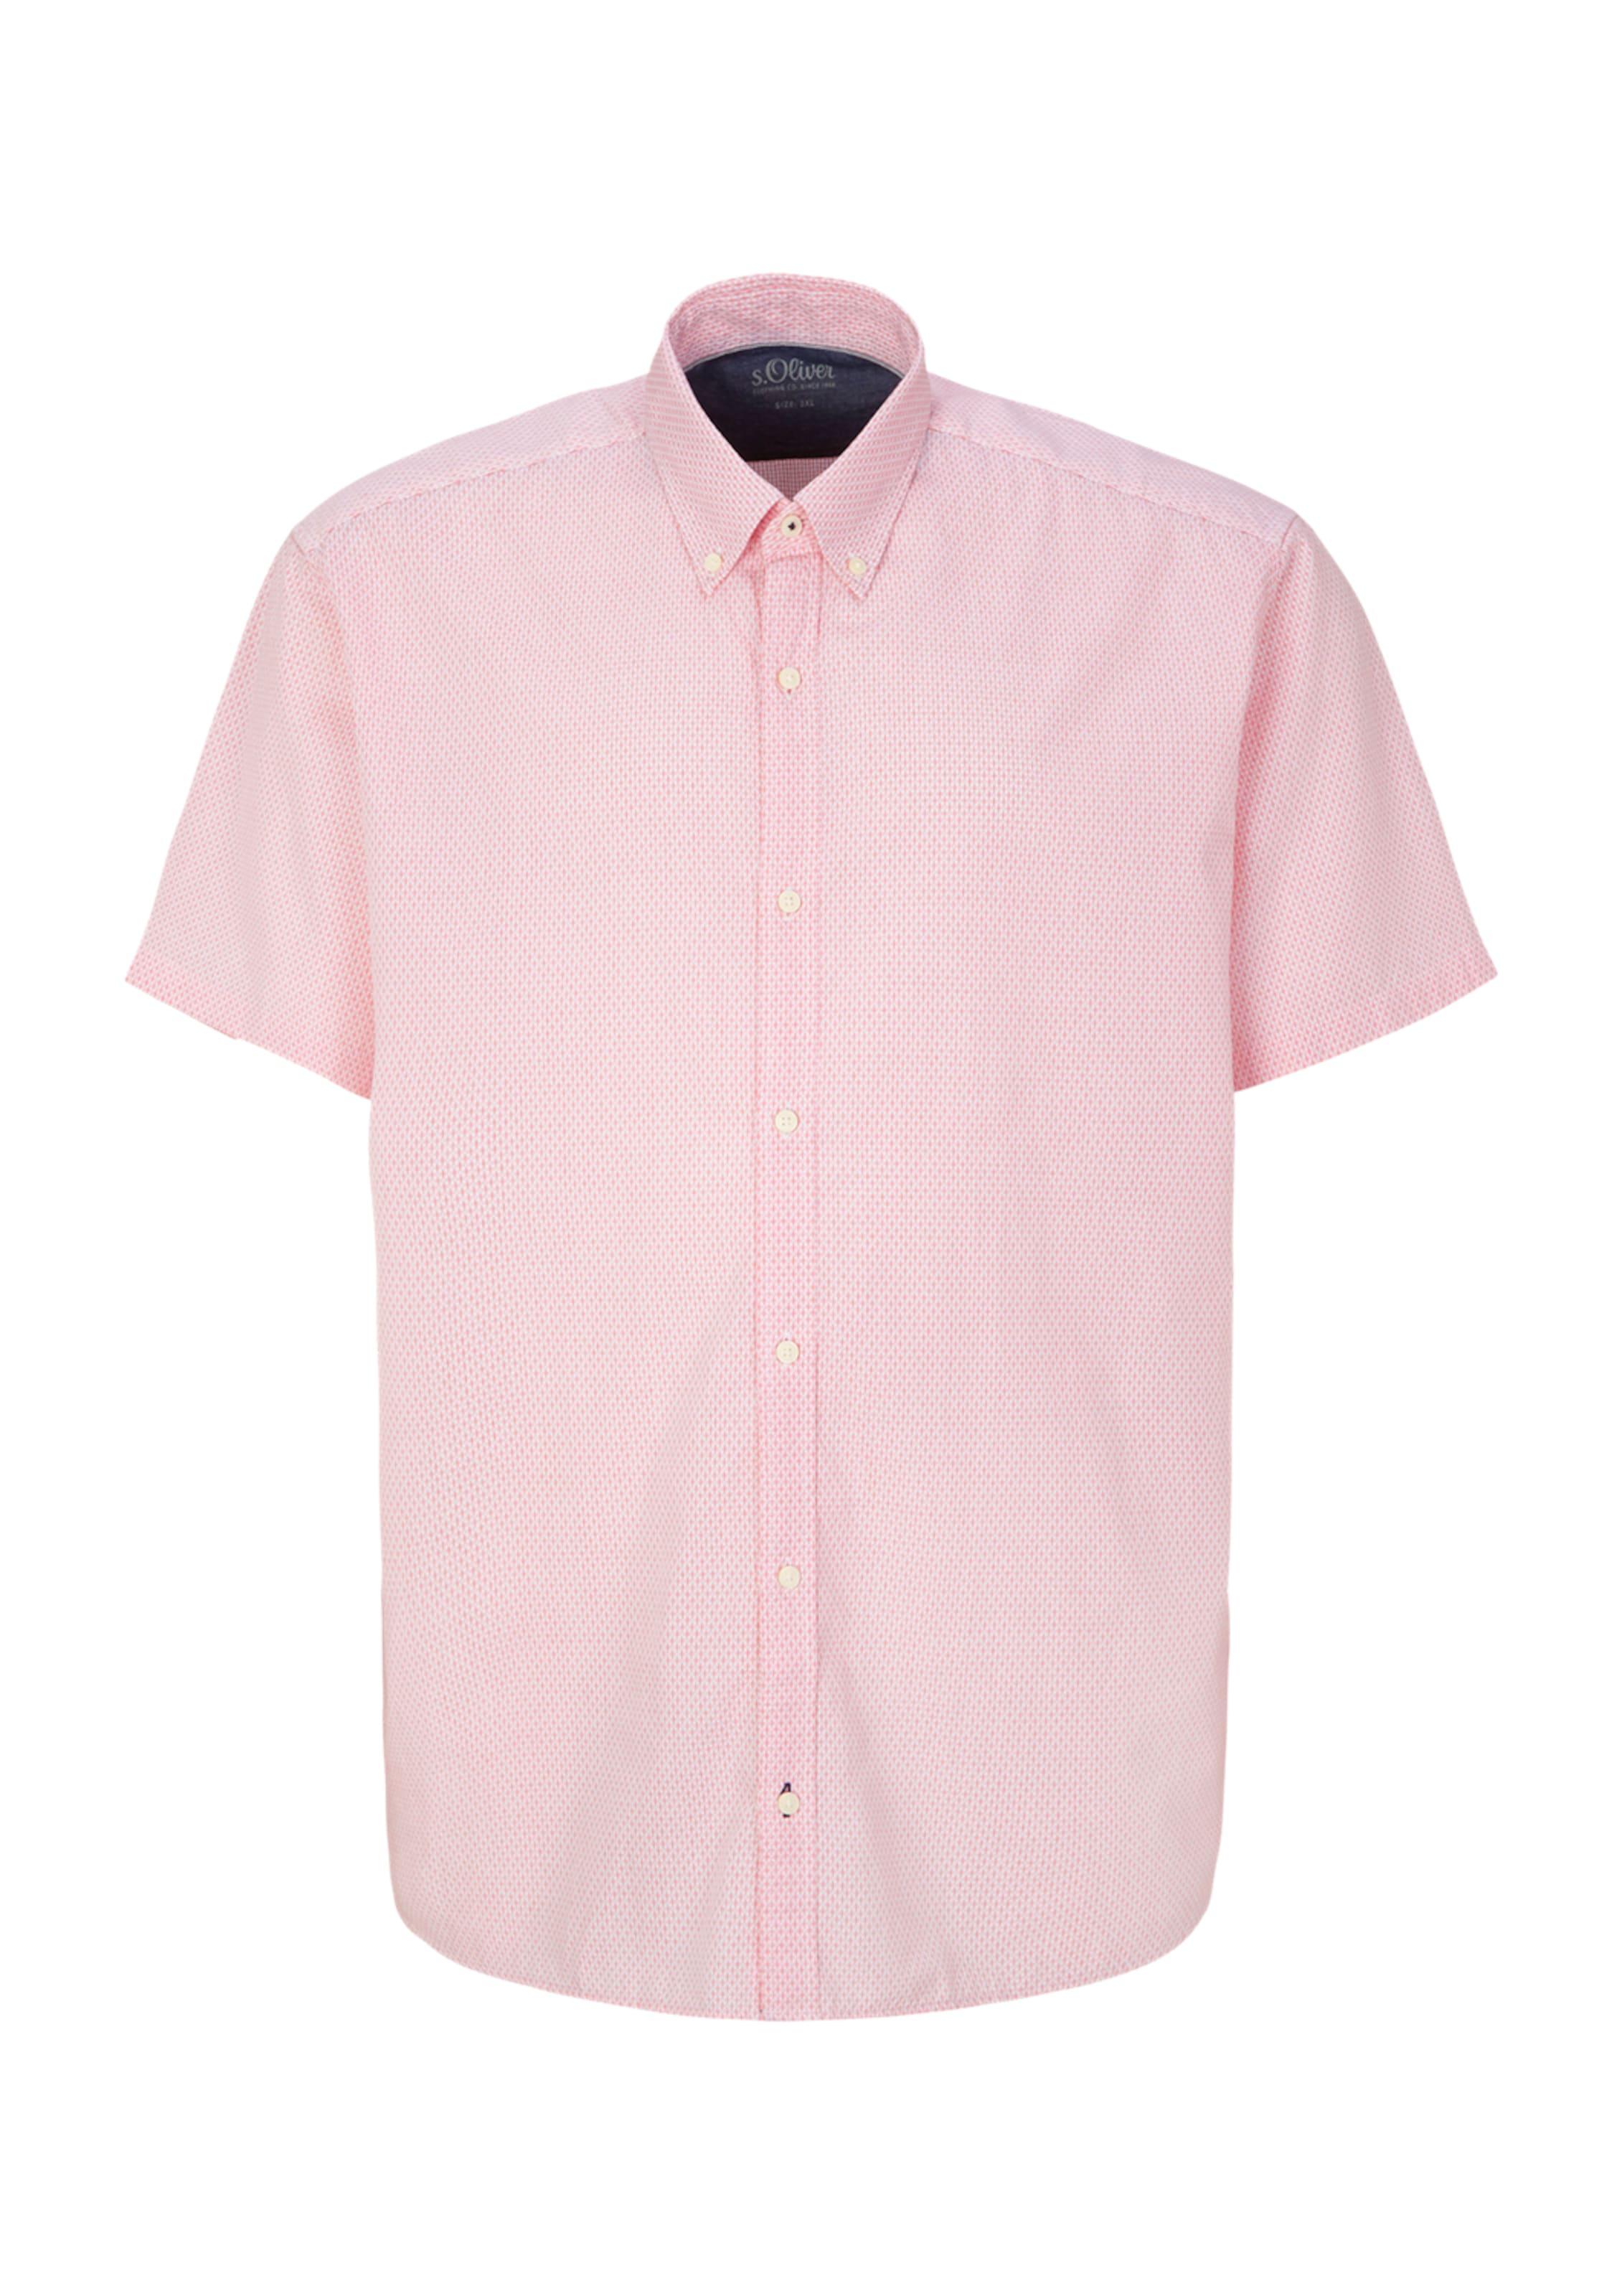 Hemd Rosa oliver S S Hemd S oliver In Hemd In Rosa oliver rxhtQdCs